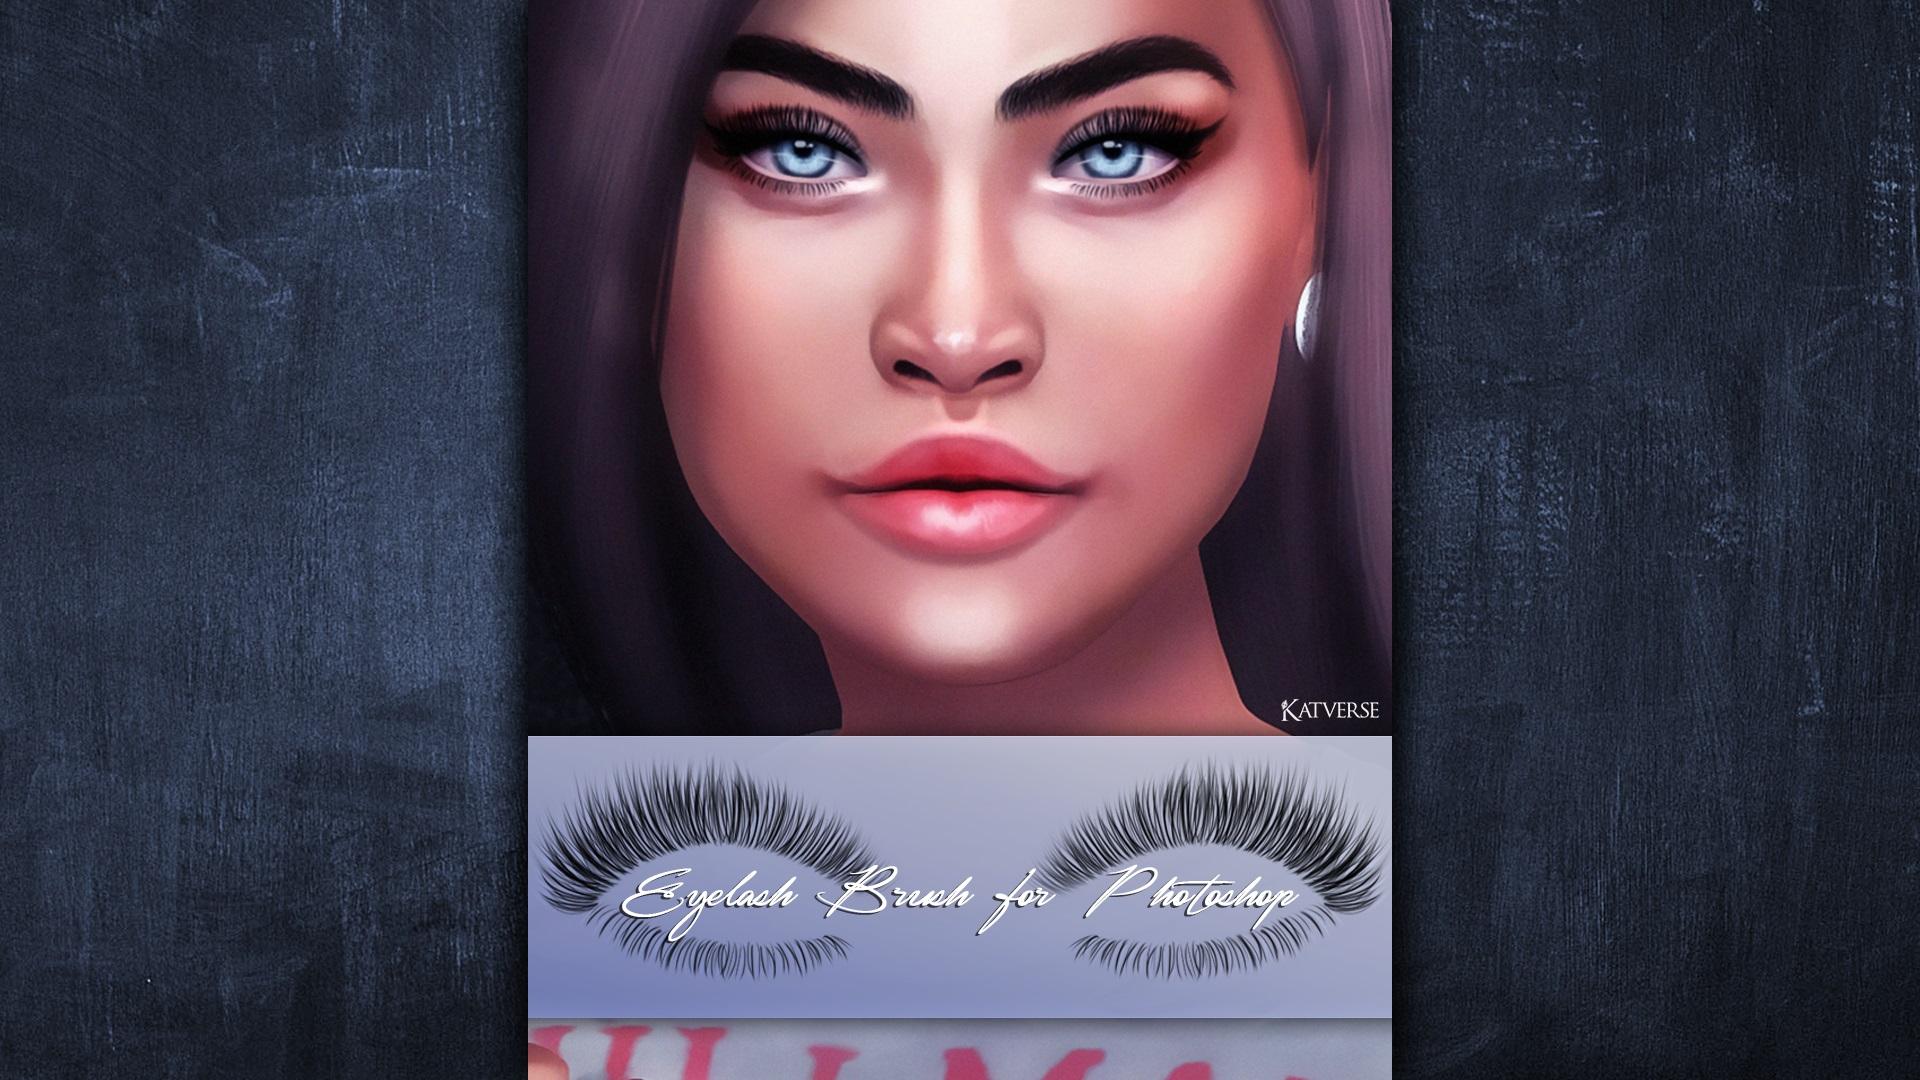 Eyelash Brush 01 For Photoshop Gimp And Paint